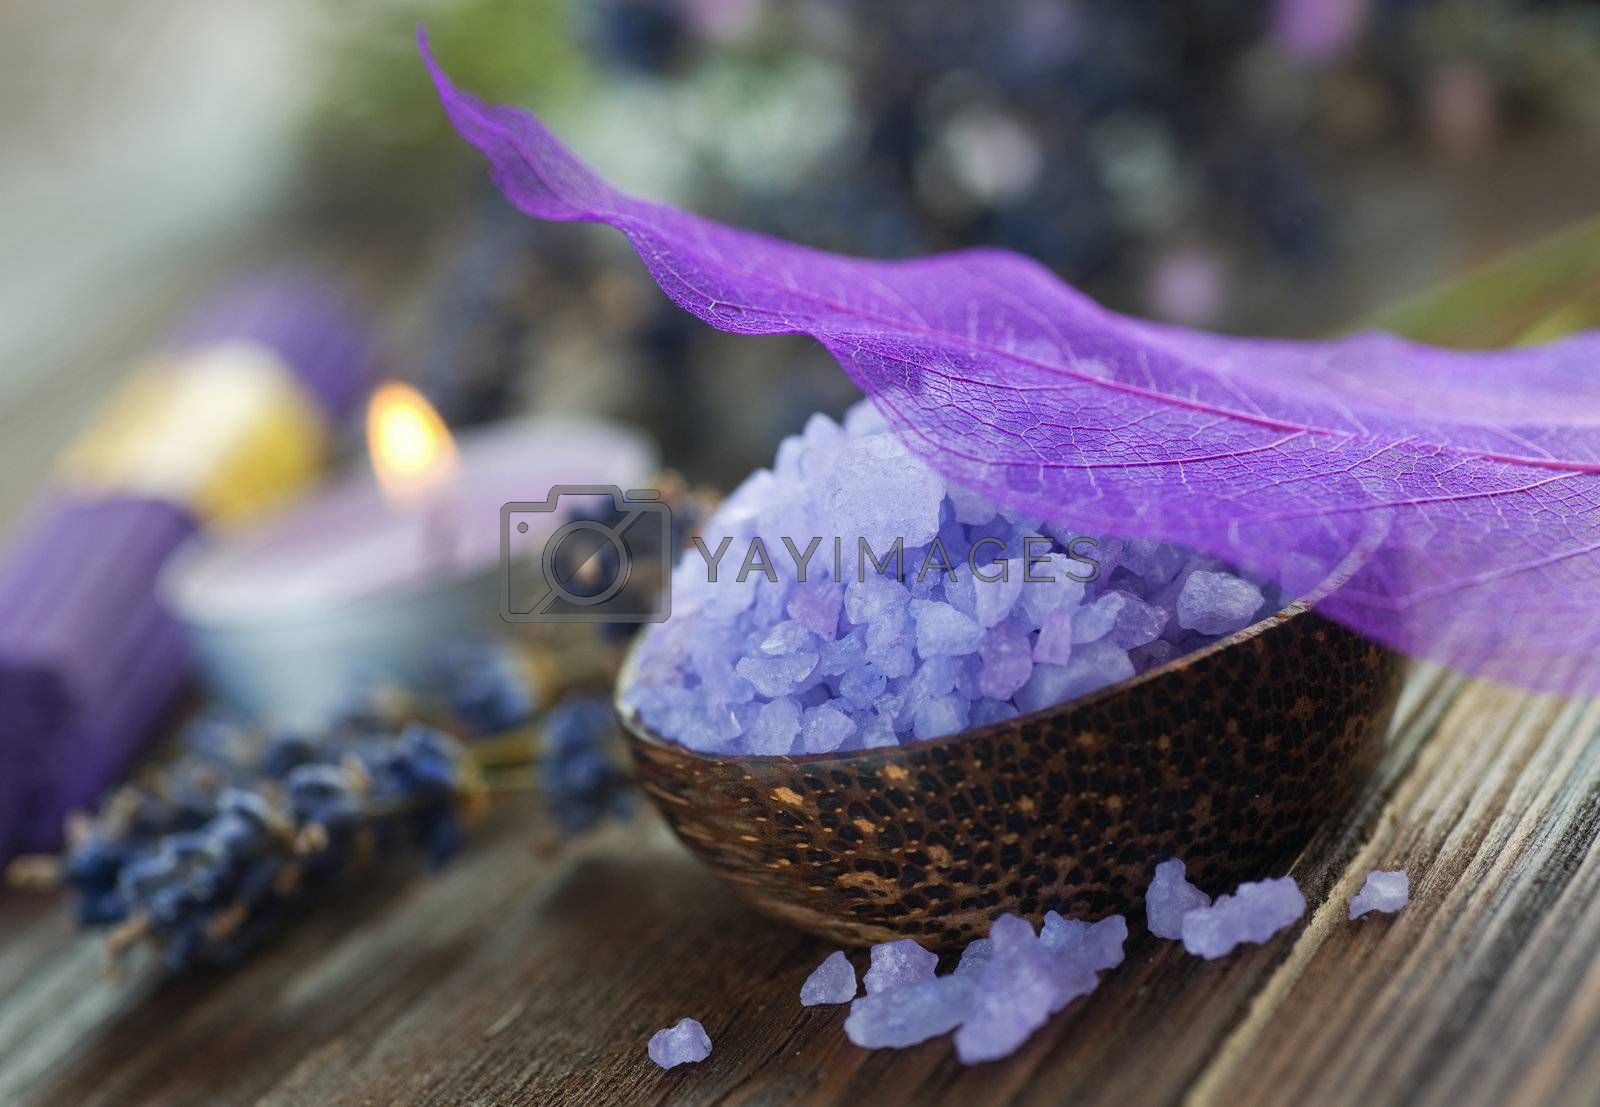 Spa Treatments by Subbotina Anna